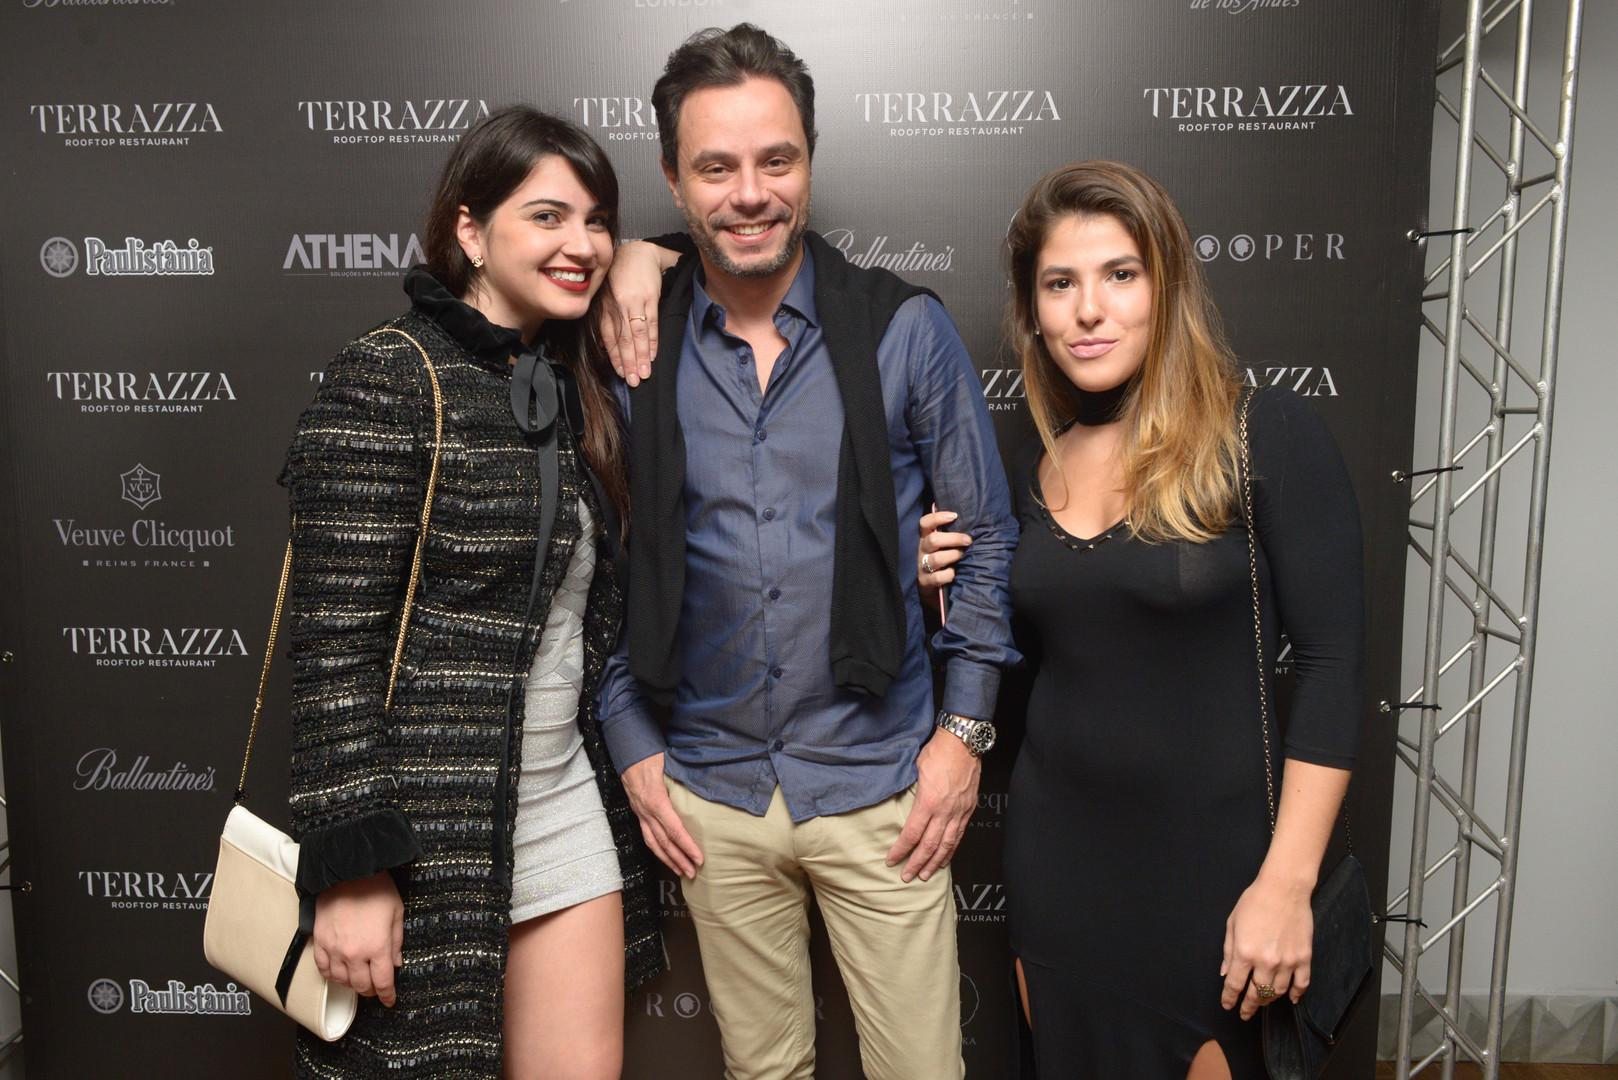 Inauguração_Terrazza_Orestes_Neto_,_Gise